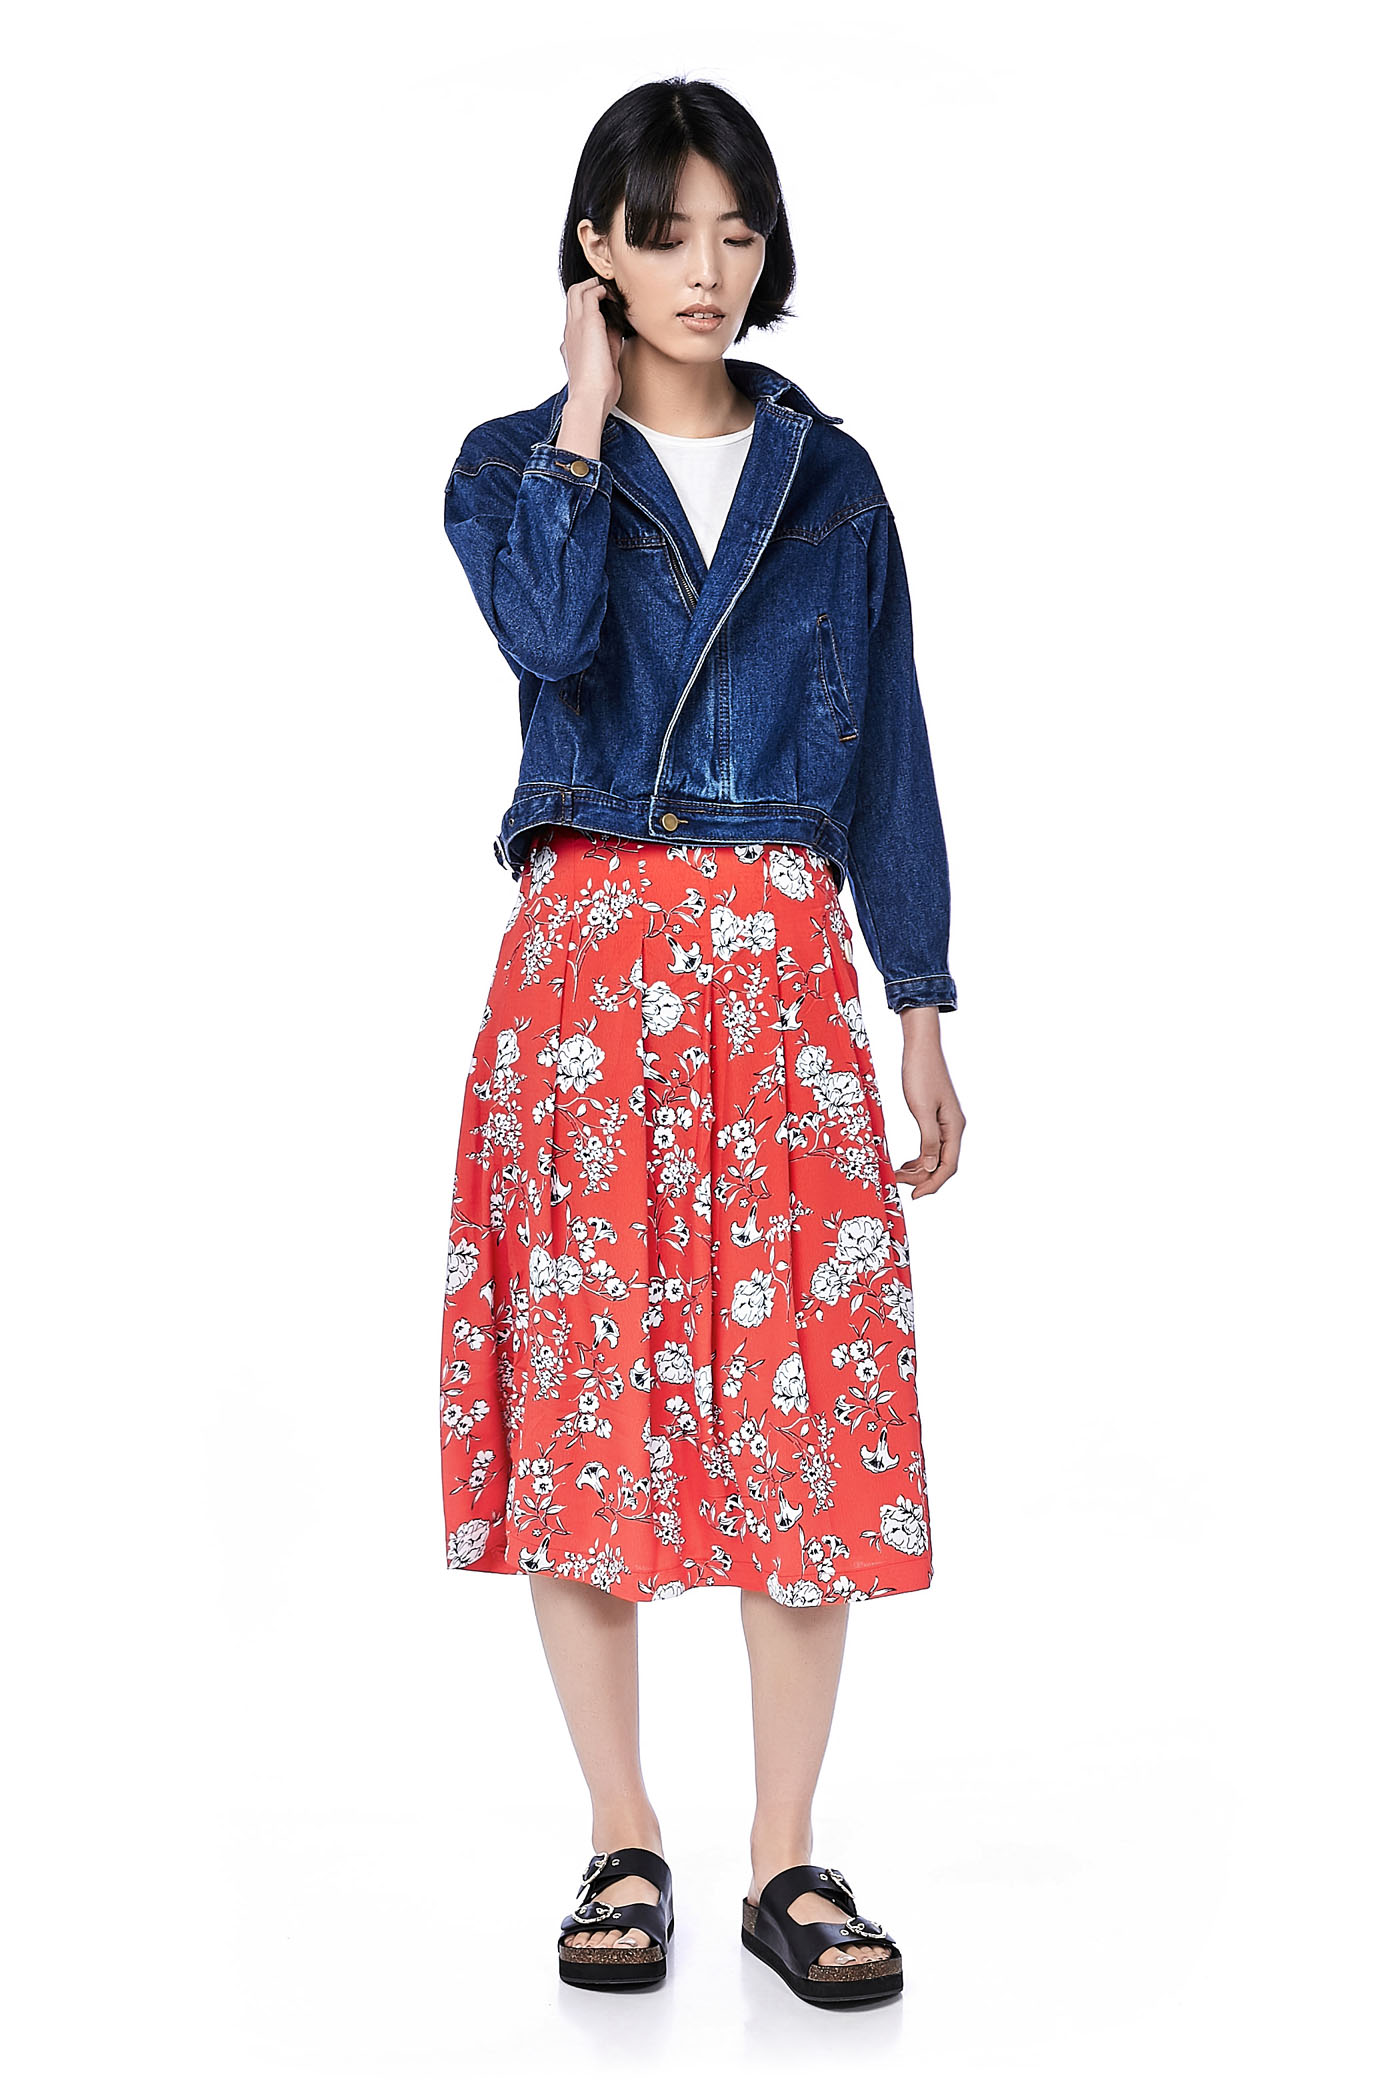 Daluie Swing Skirt